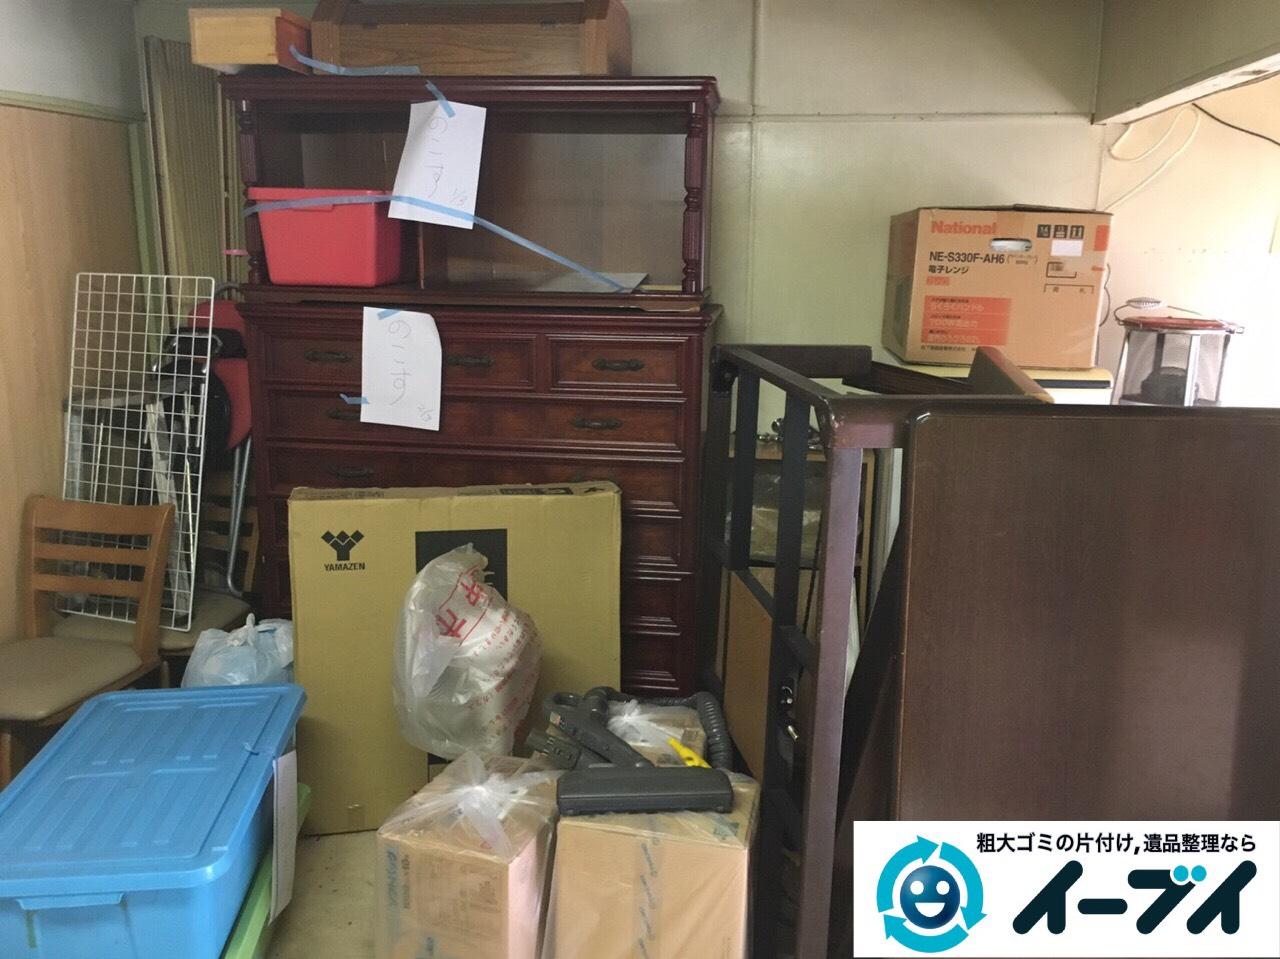 茨木市で倉庫の家具や廃品などの粗大ゴミを片付け引き取りしました